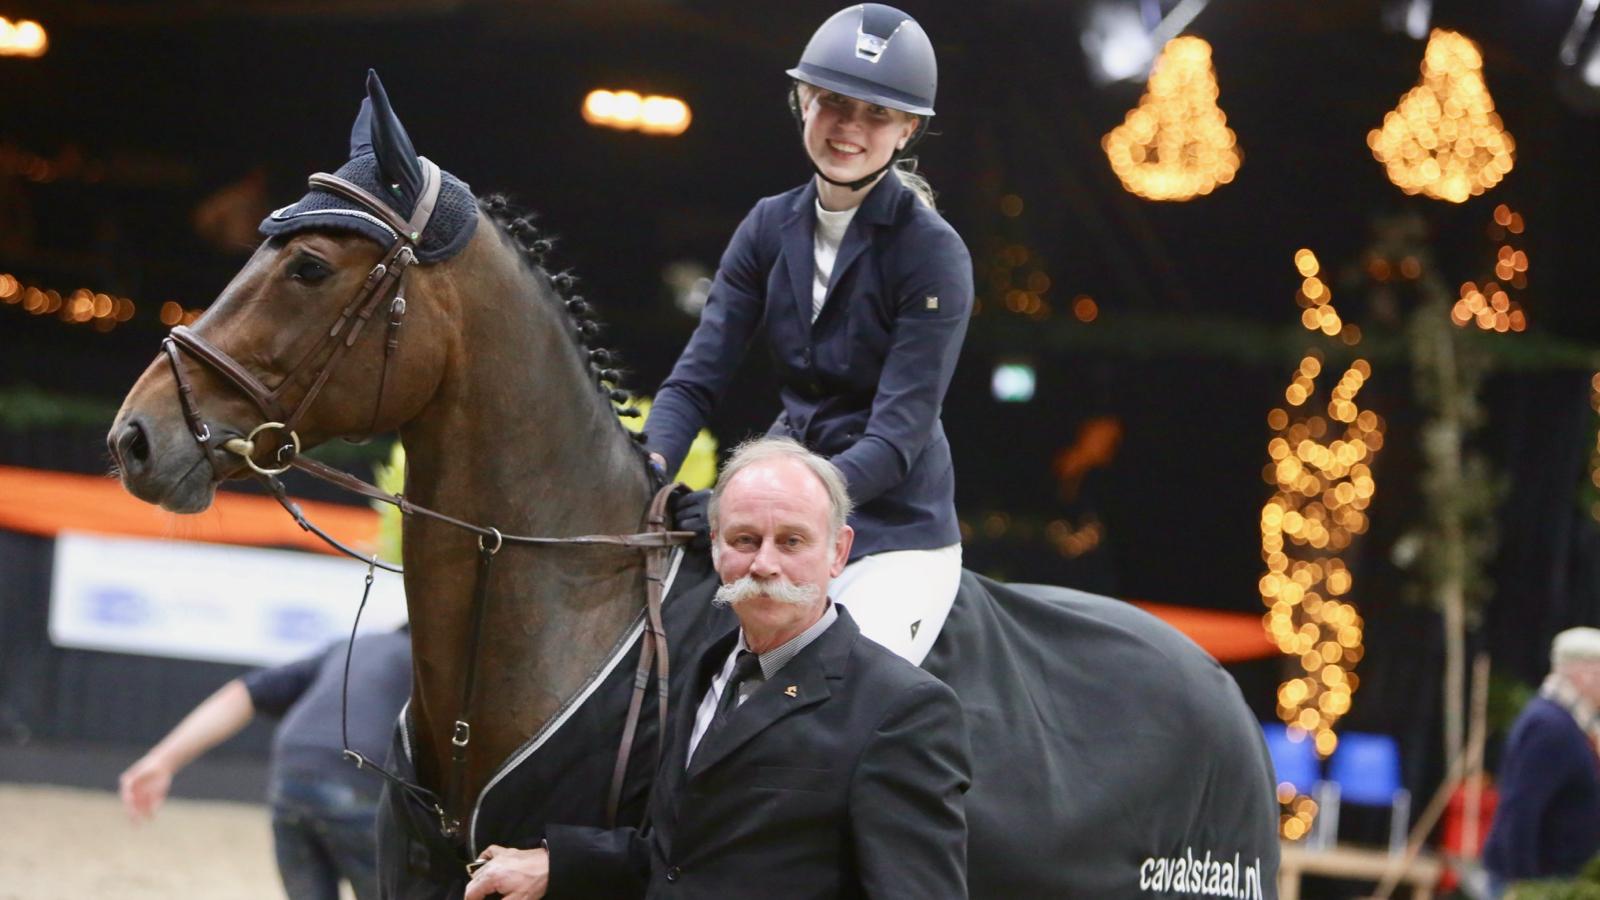 Willemiek Huisman domineert B-klasse Indoor Groningen